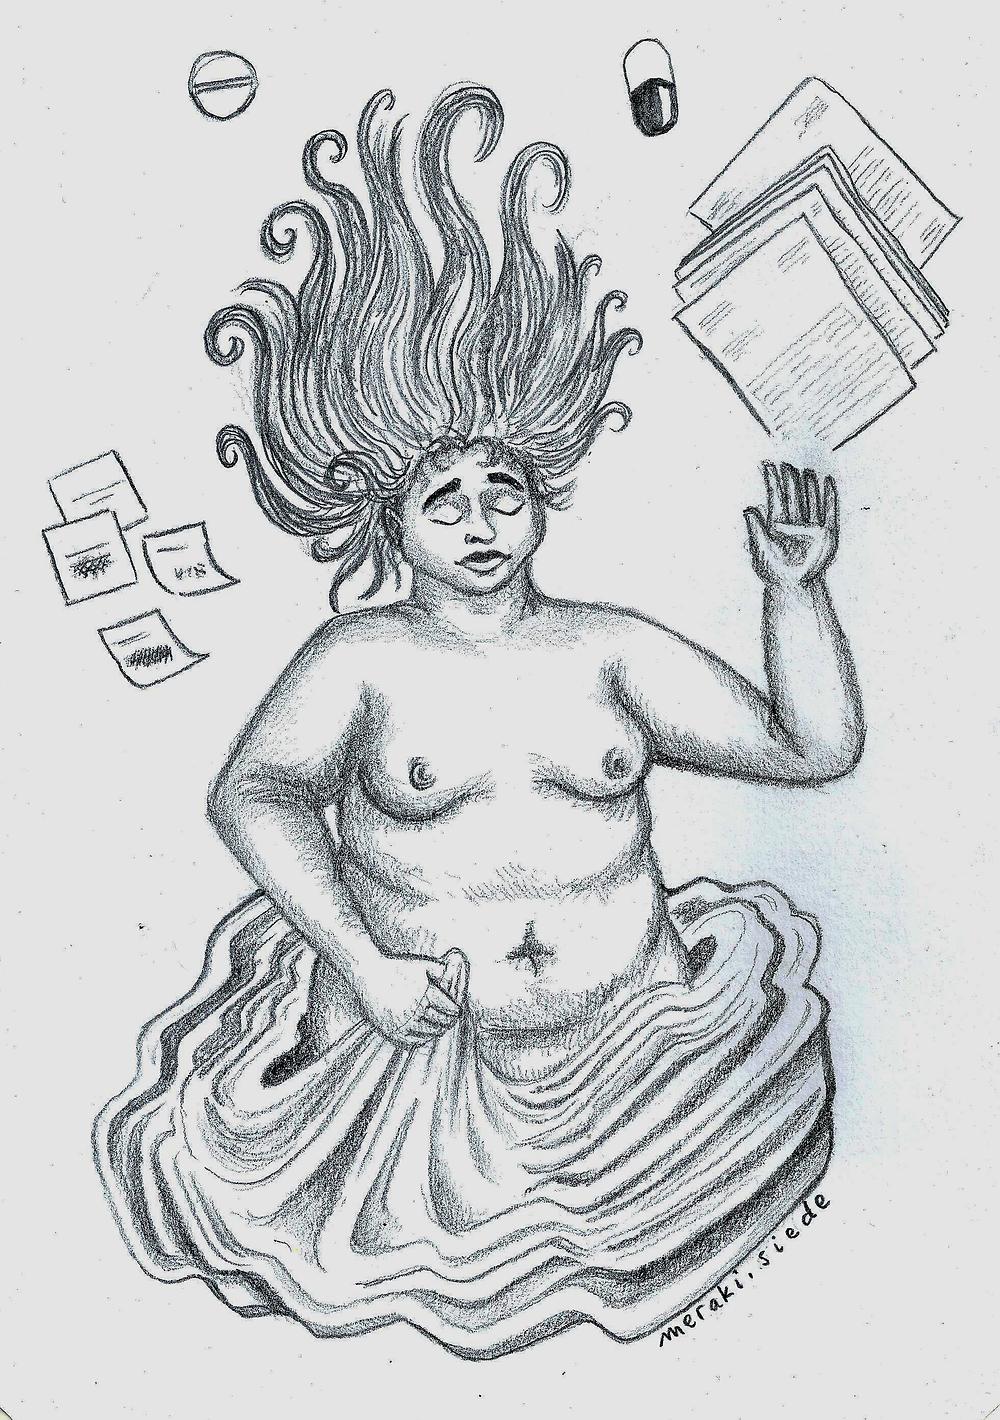 Ilustración a lápiz de una persona acostada en el piso con el torso desnudo, rodeada de papeles y medicamentos.